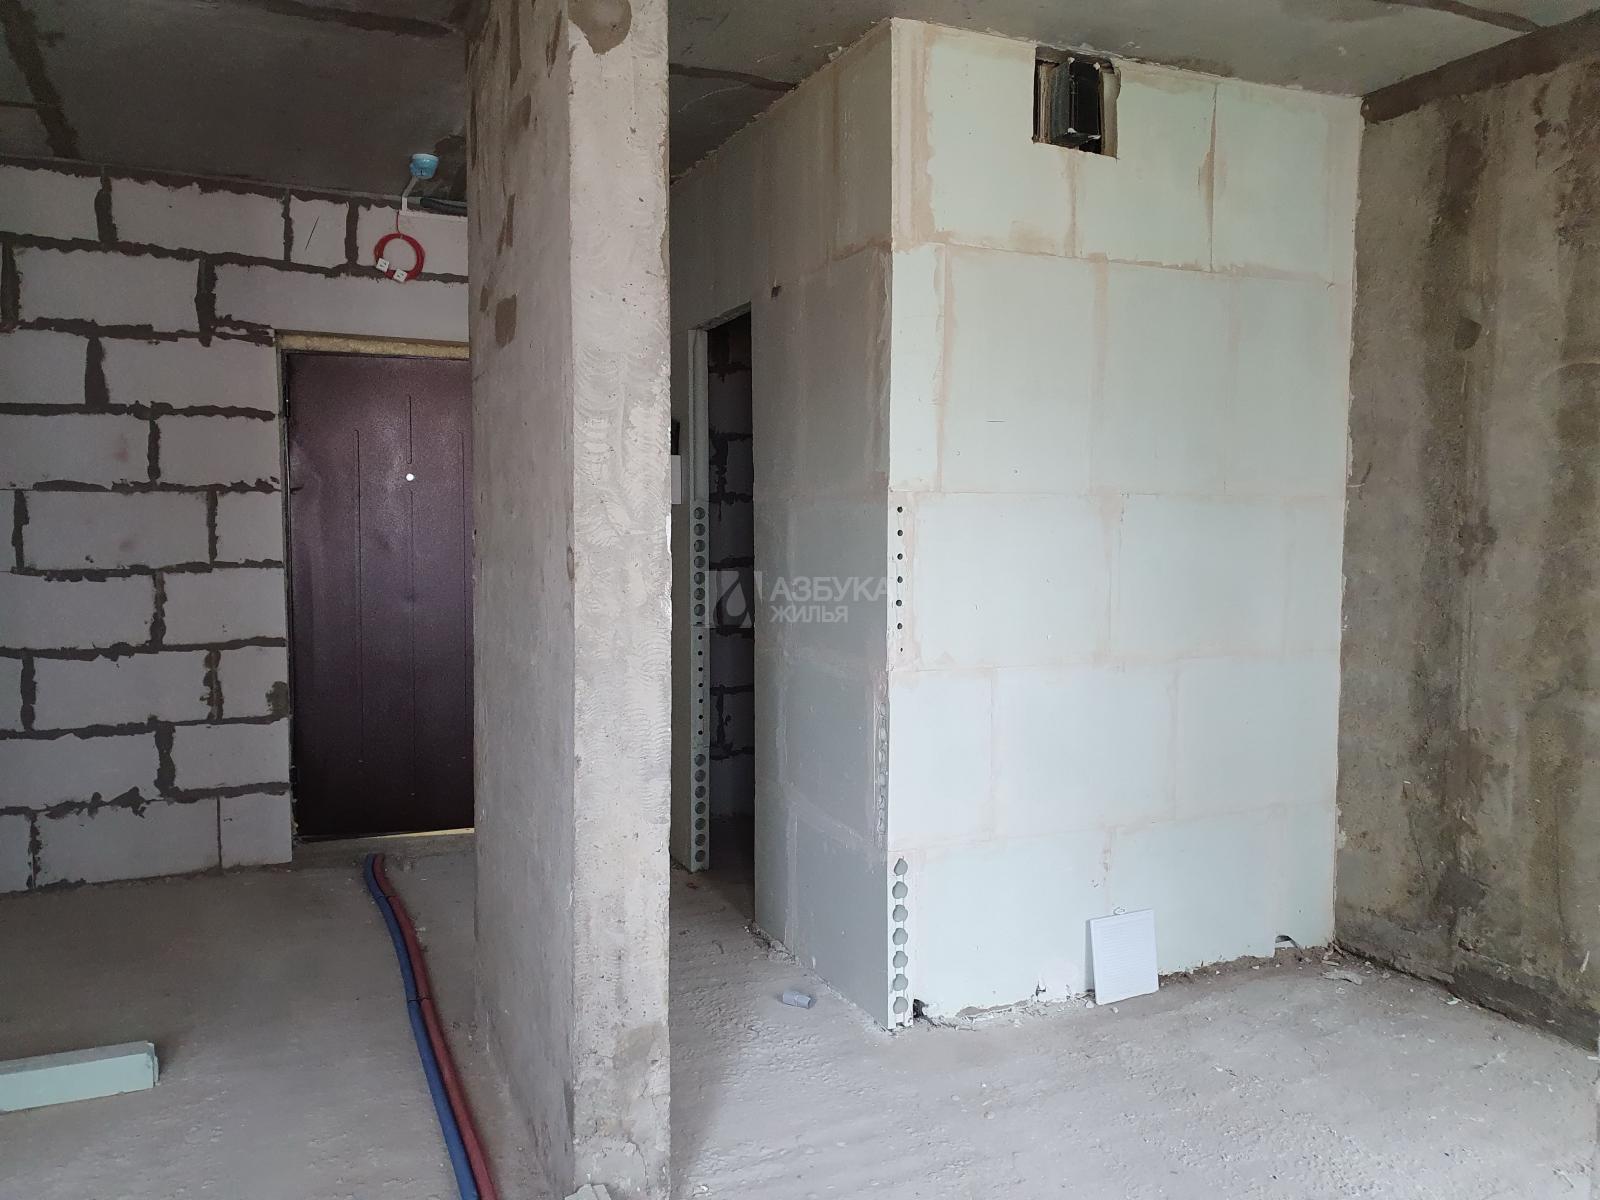 Фото №5 - 1-комнатная квартира, Москва, поселок Сосенское, Василия Ощепкова улица 3, метро Коммунарка